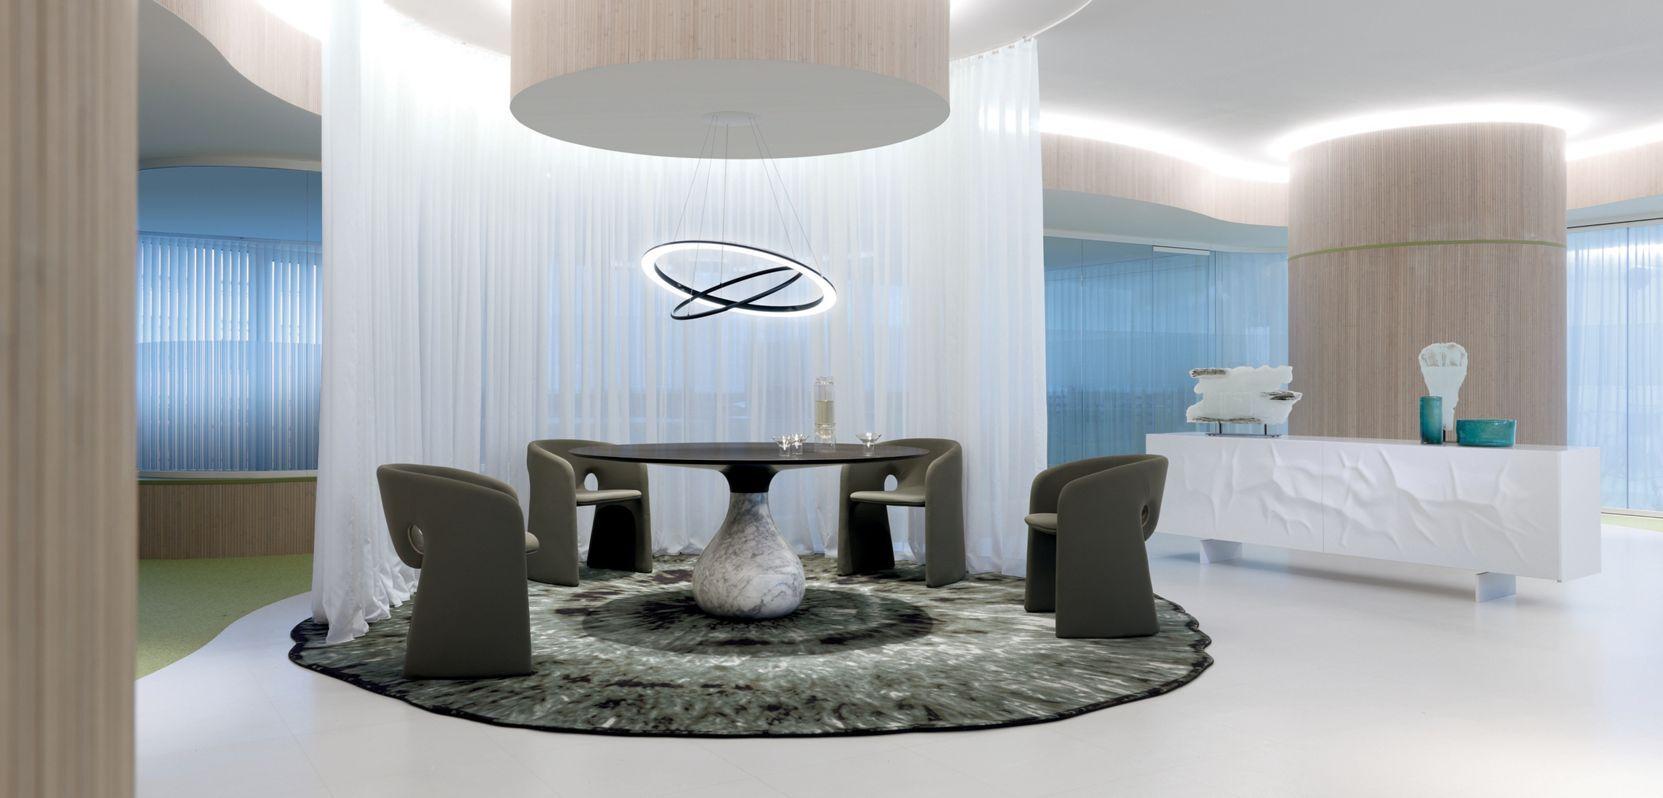 Roche Bobois Aqua Dining Table Design Fabrice Berrux